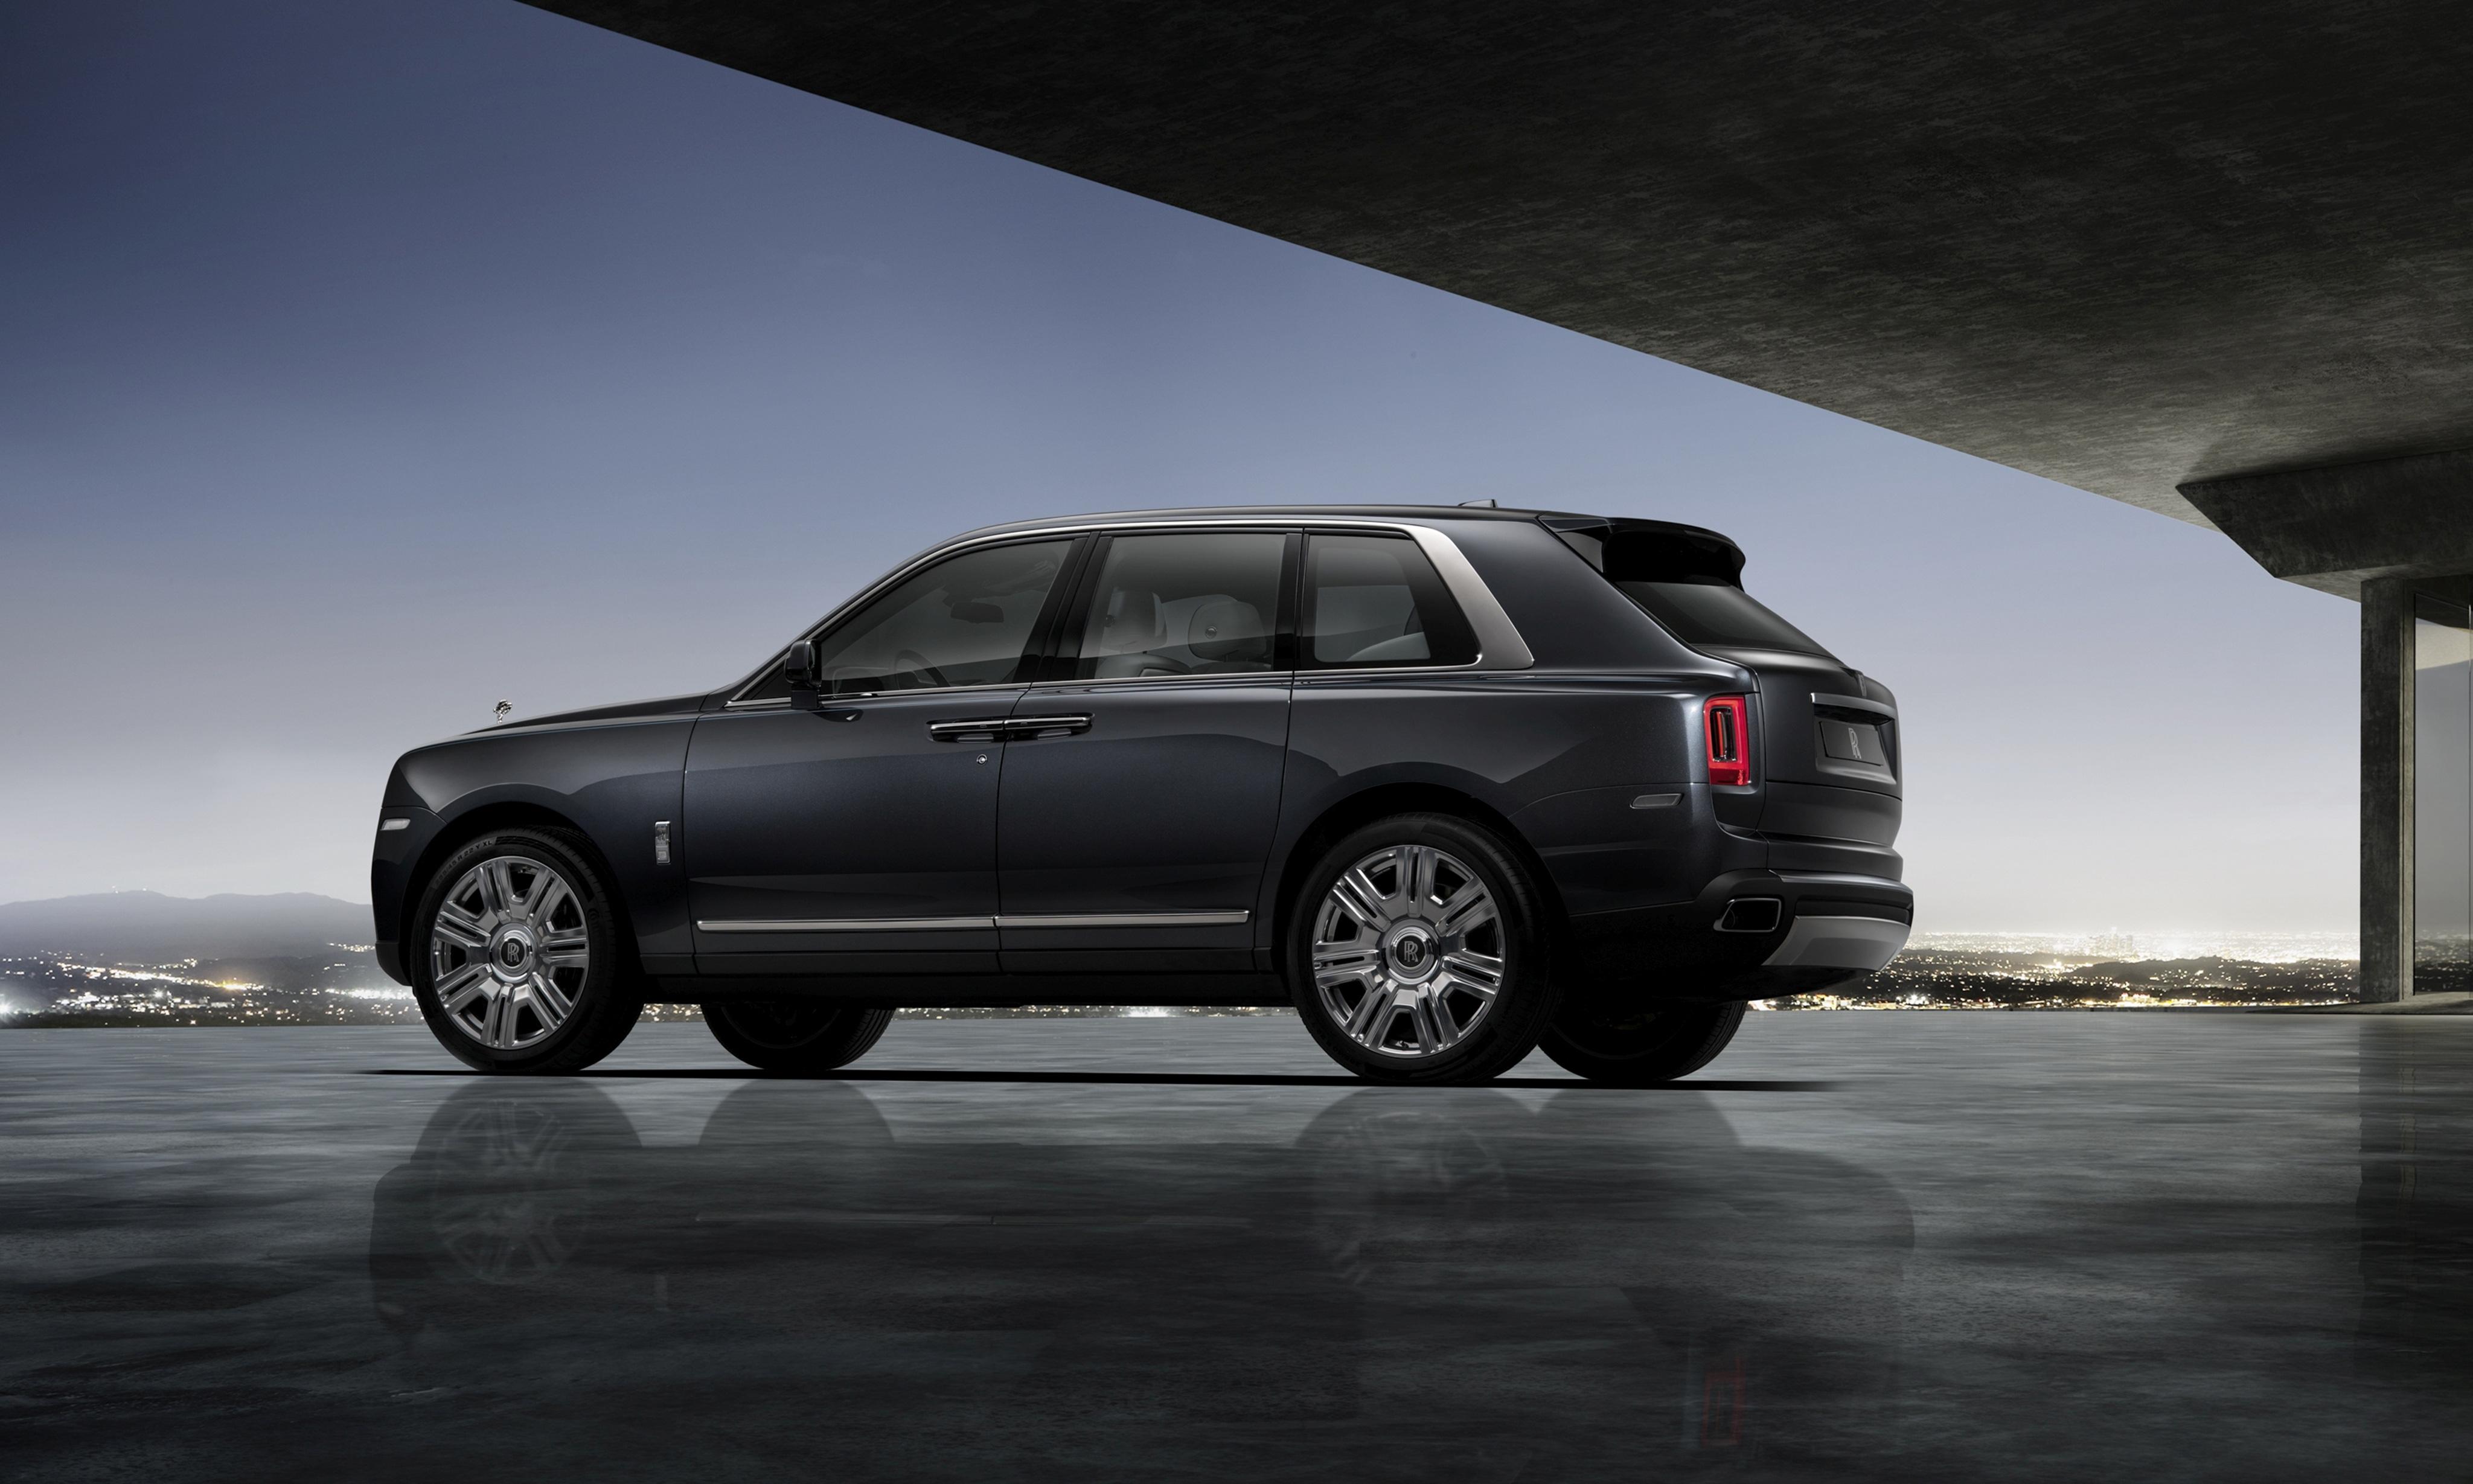 Rolls Royce Cullinan Rear 4k Hd Cars 4k Wallpapers